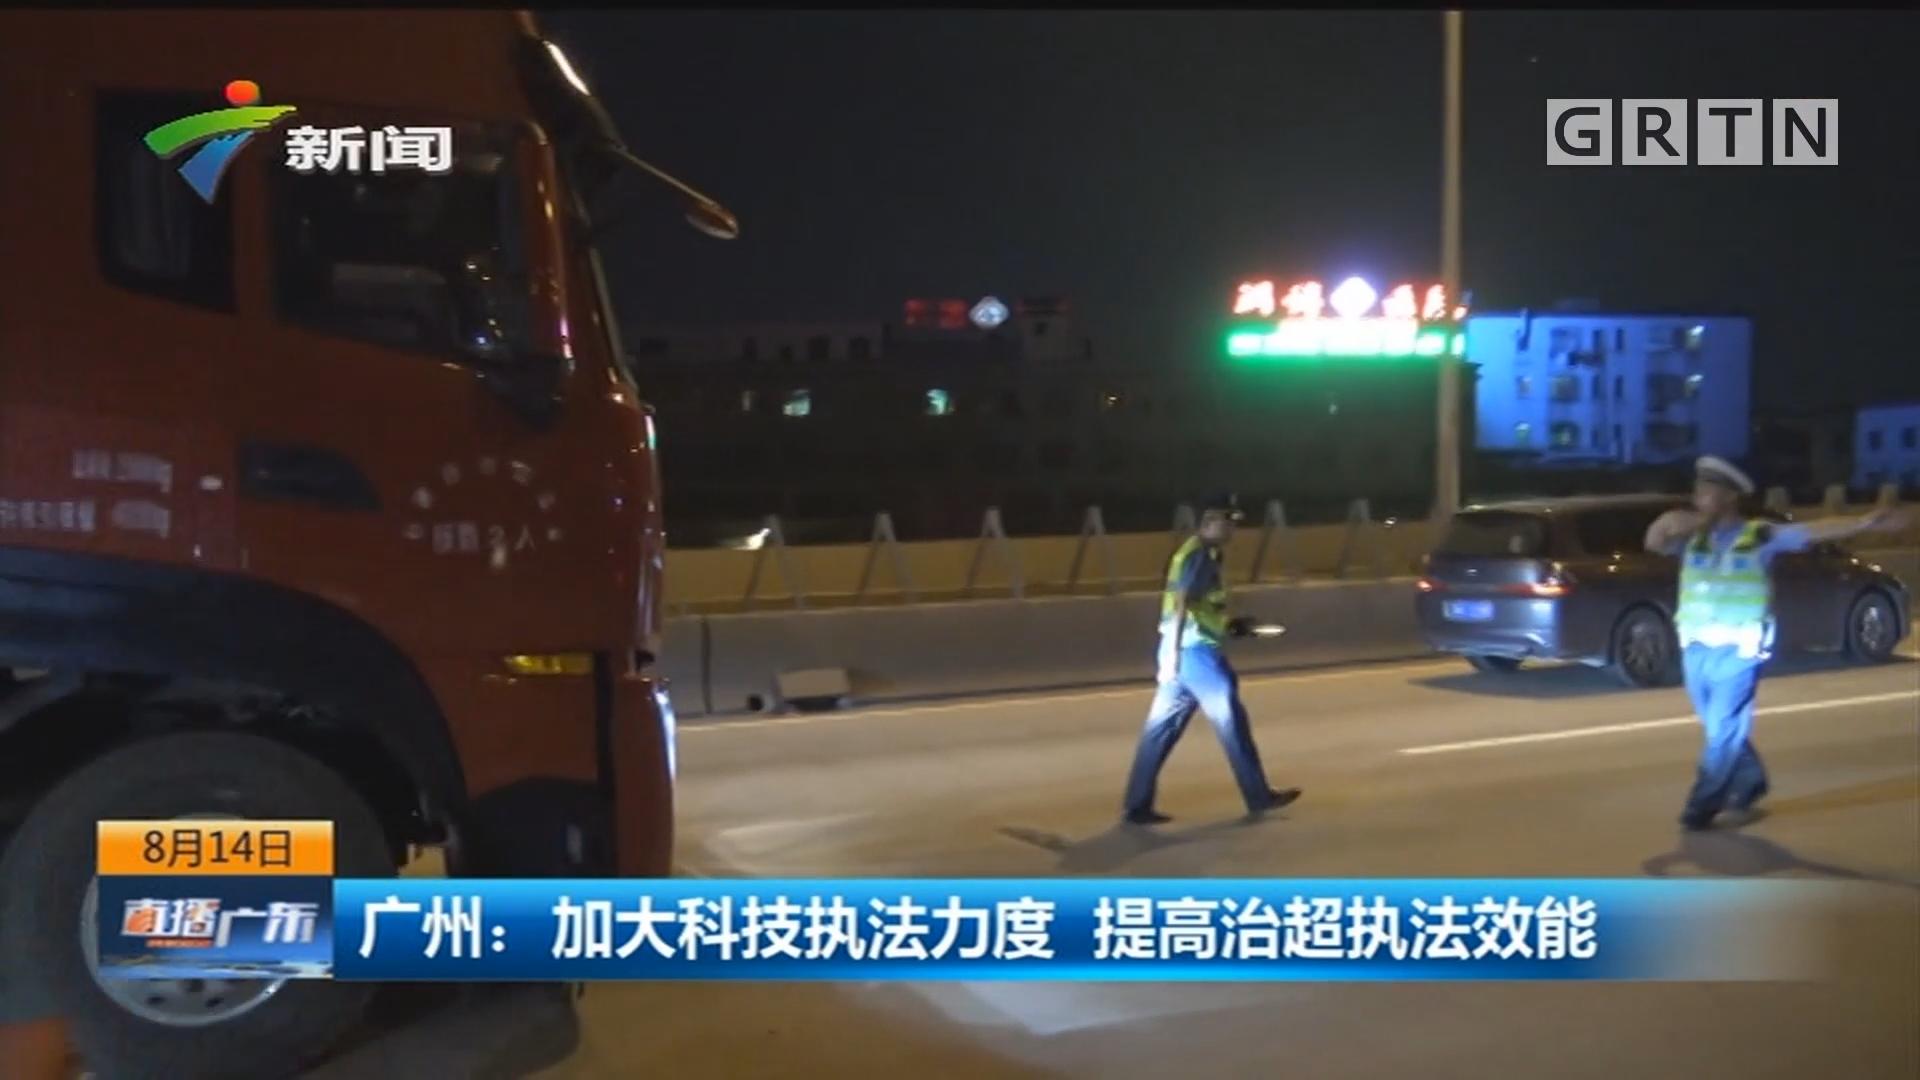 广州:加大科技执法力度 提高治超执法效能